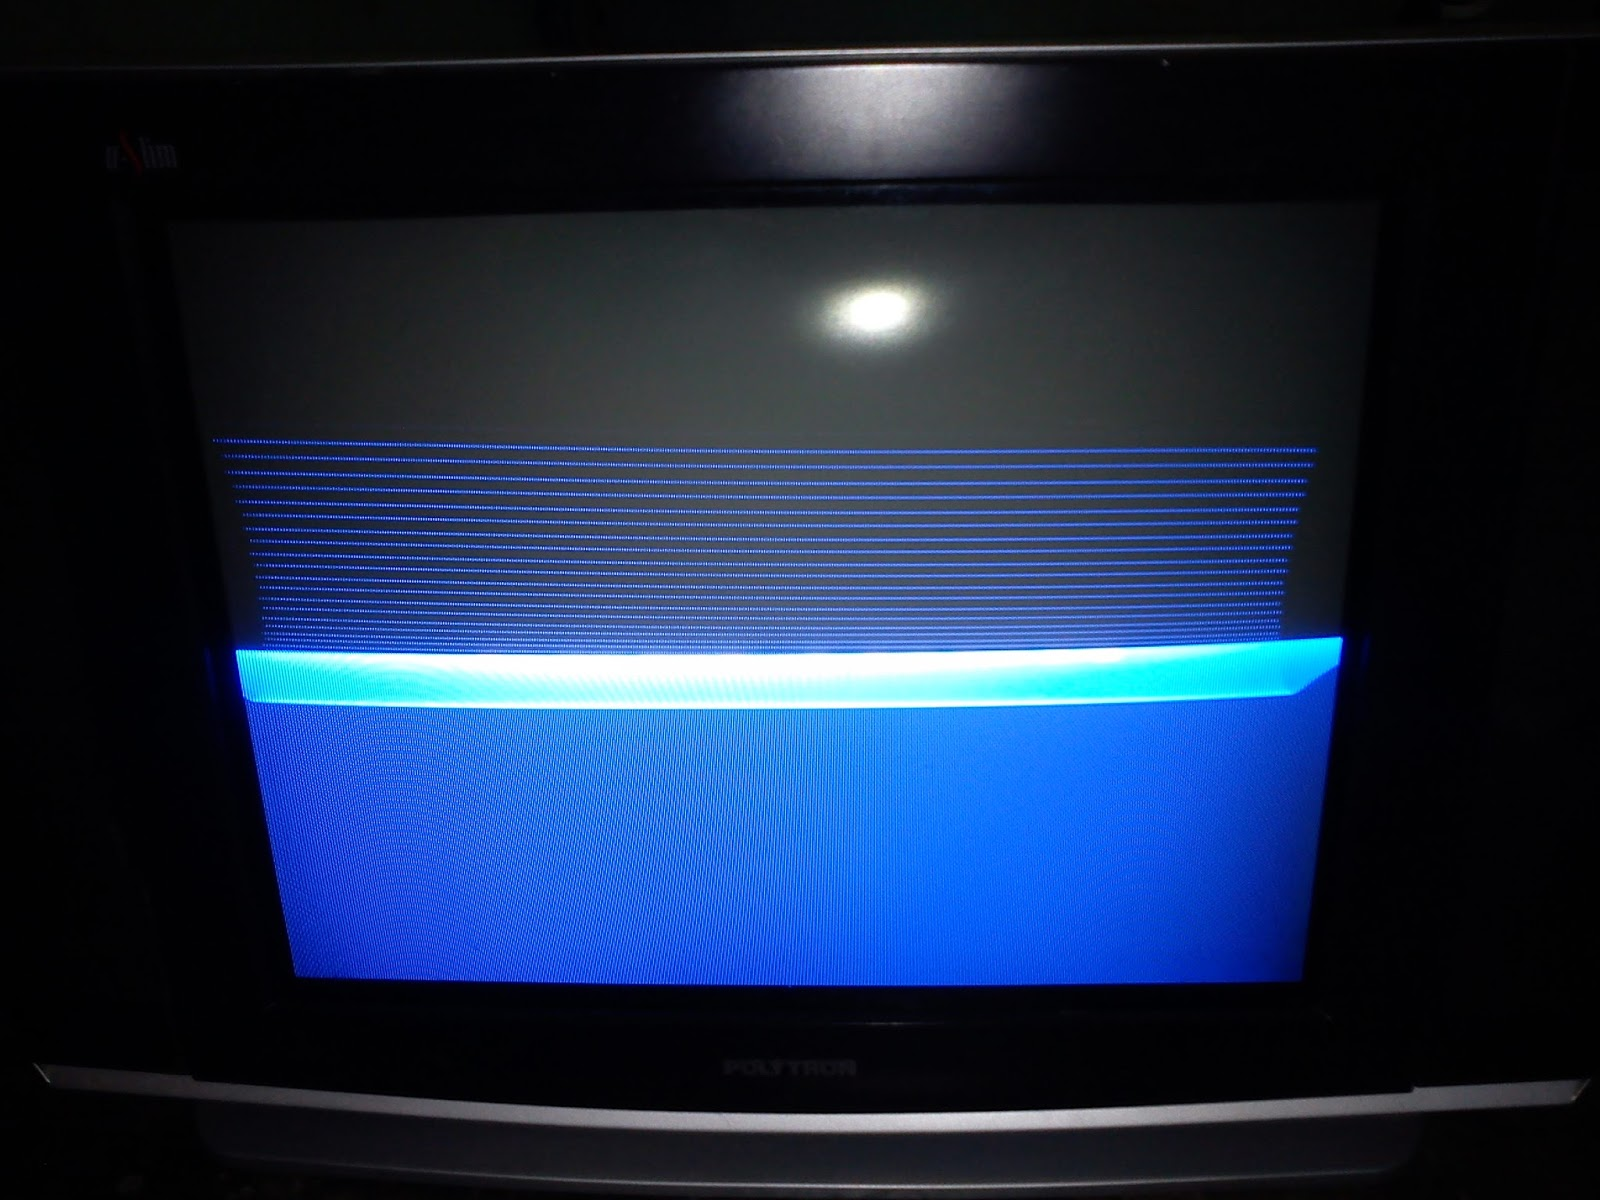 tv tabung gambar melipat dari tengah ke atas